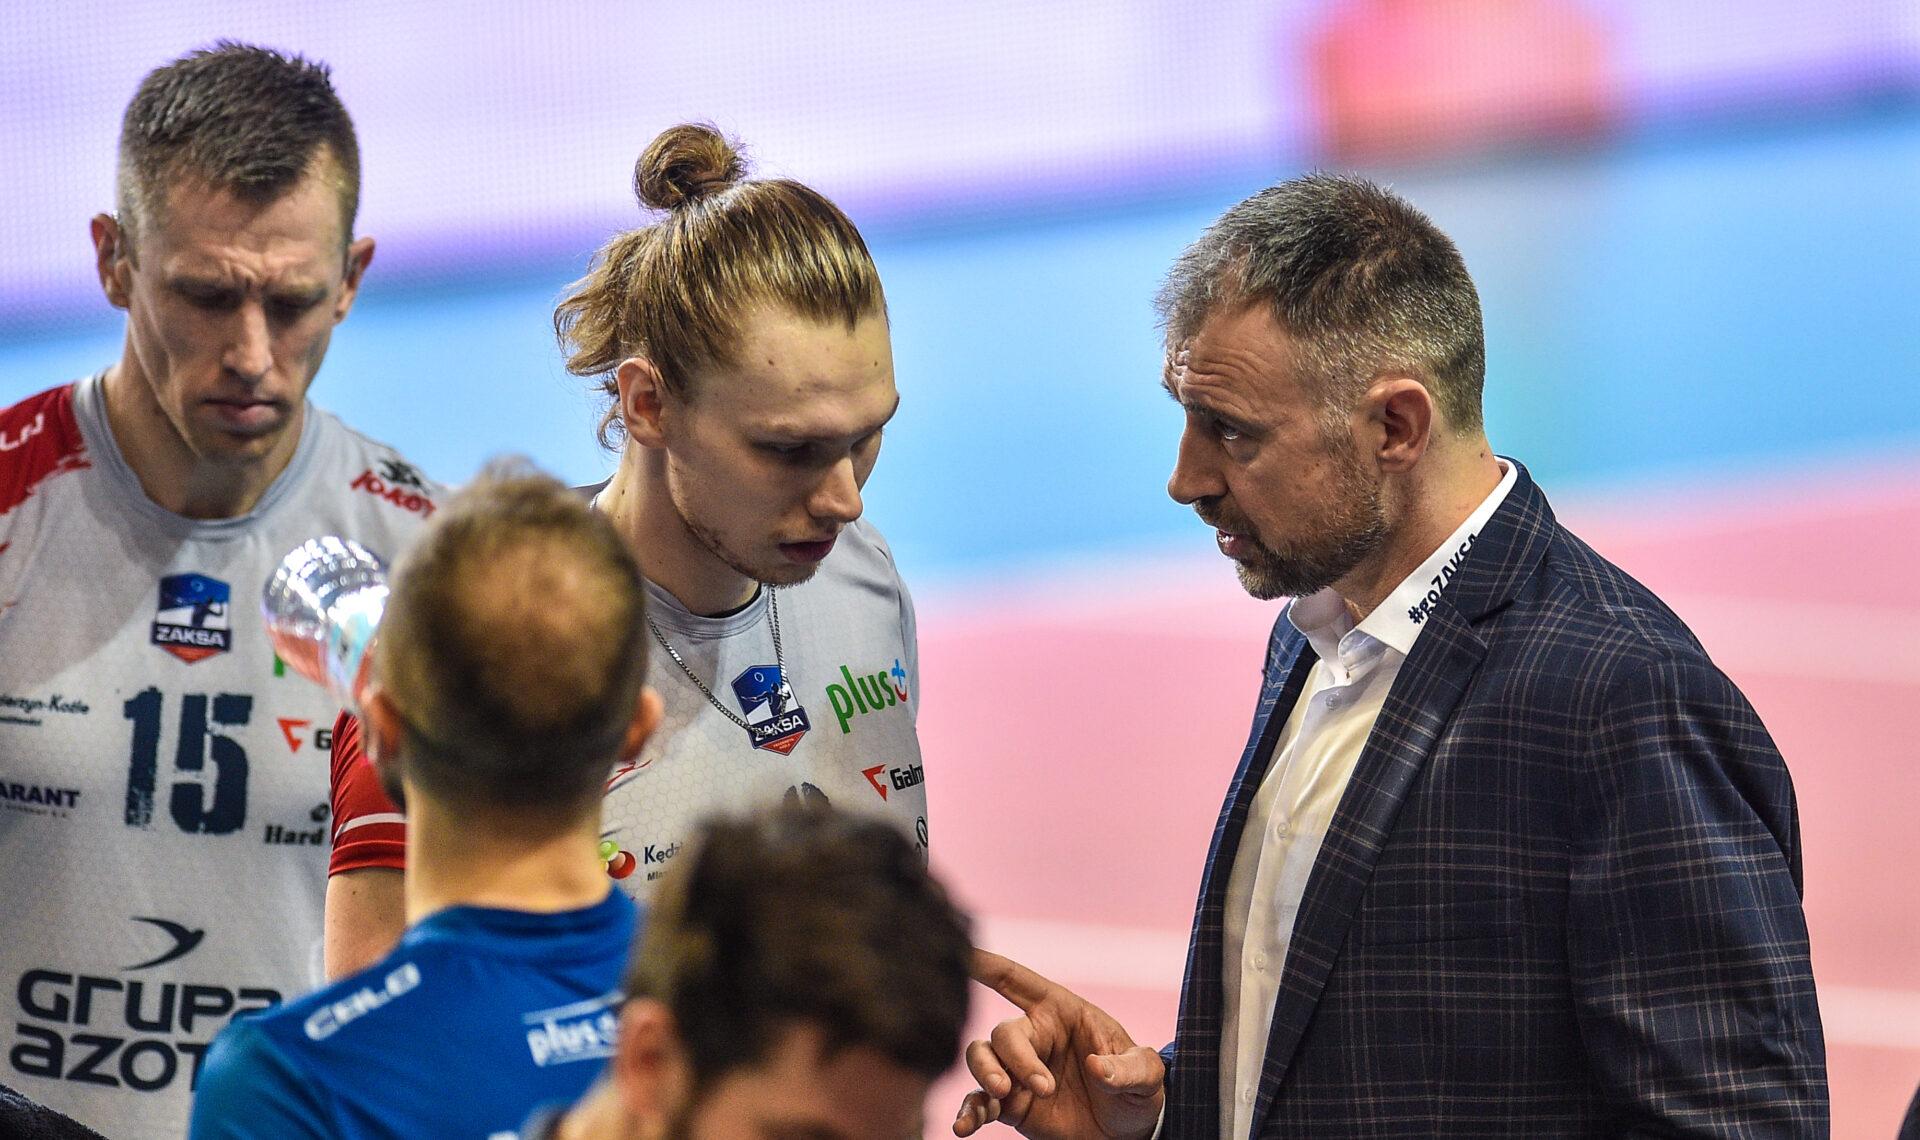 Jakub Kochanowski: To spotkanie pokaże nam na jakim jesteśmy etapie